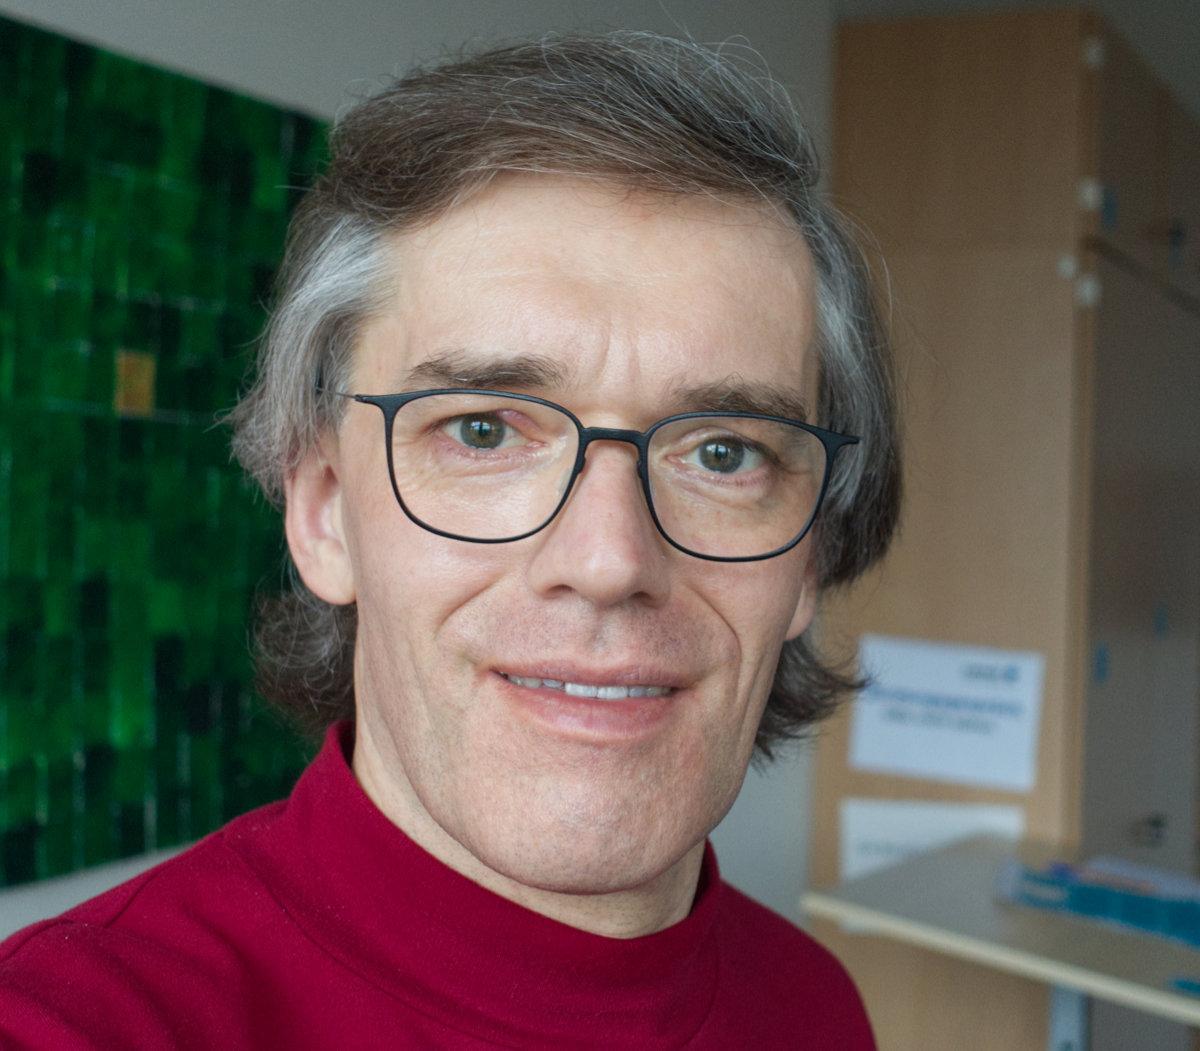 Marcellus Menke